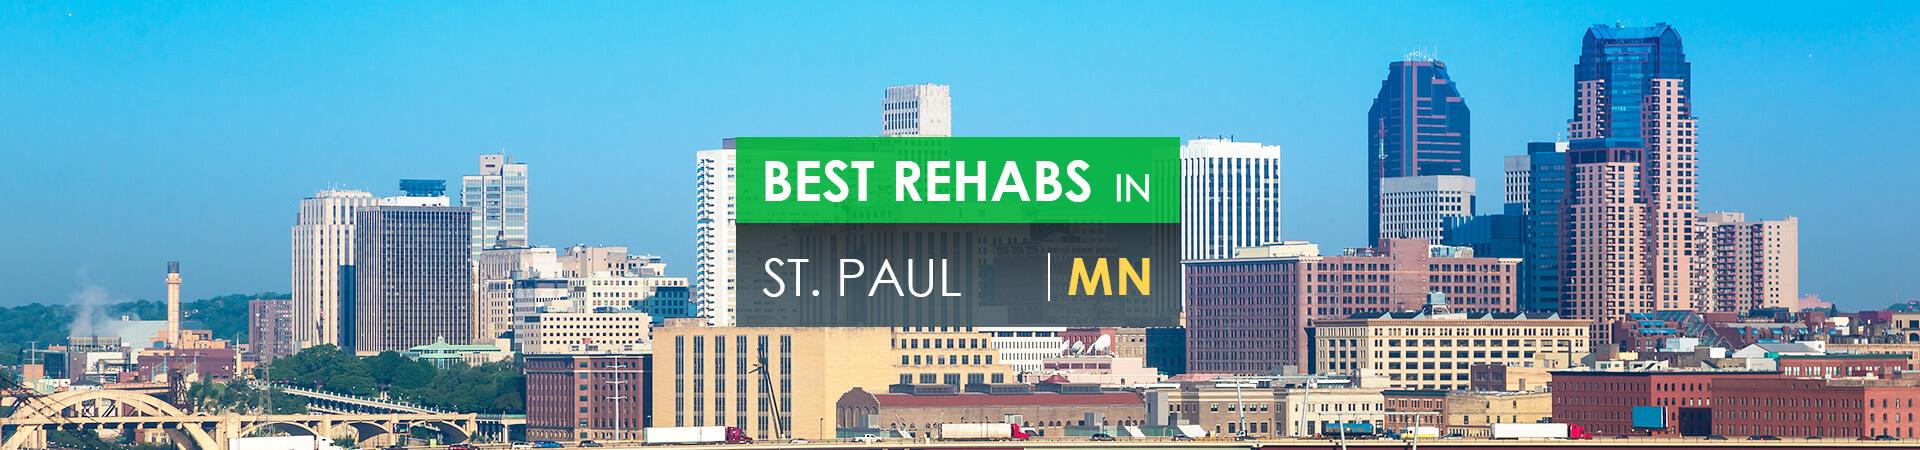 Best rehabs in St. Paul, MN